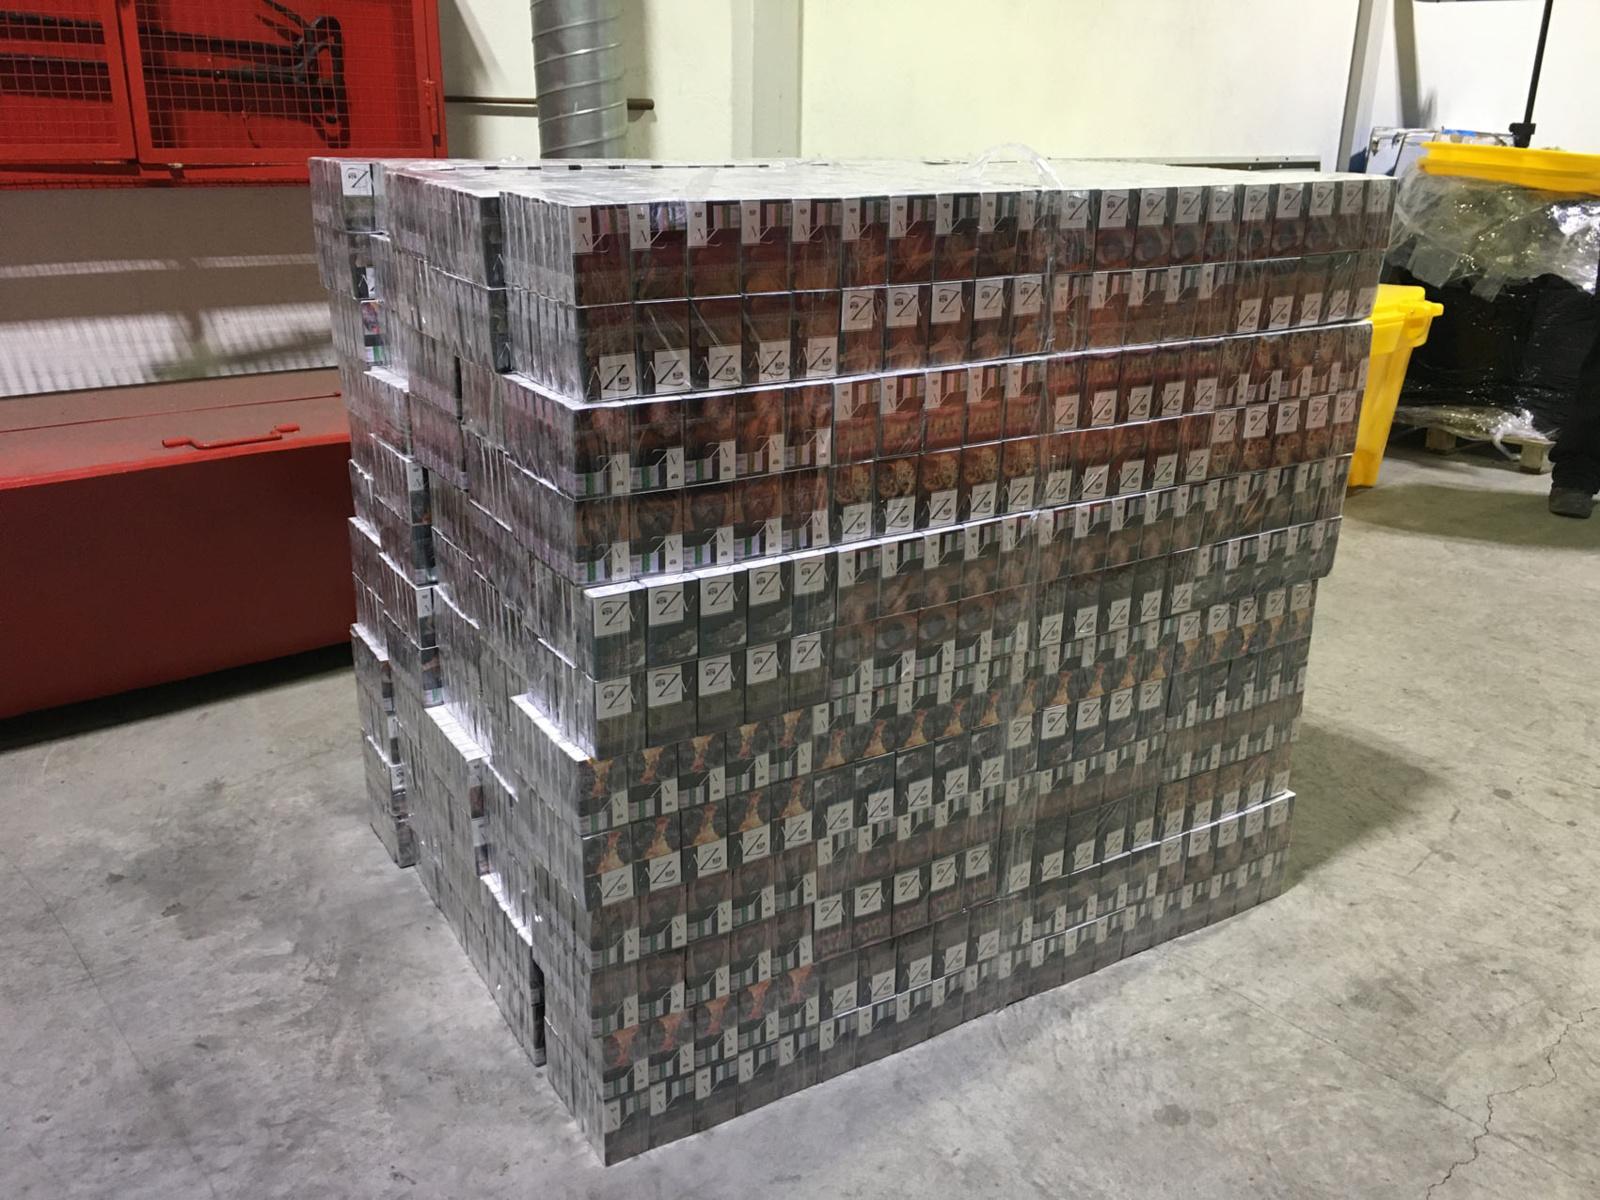 Muitininkai sulaikė daugiau nei 10 tūkst. pakelių kontrabandinių cigarečių krovinį